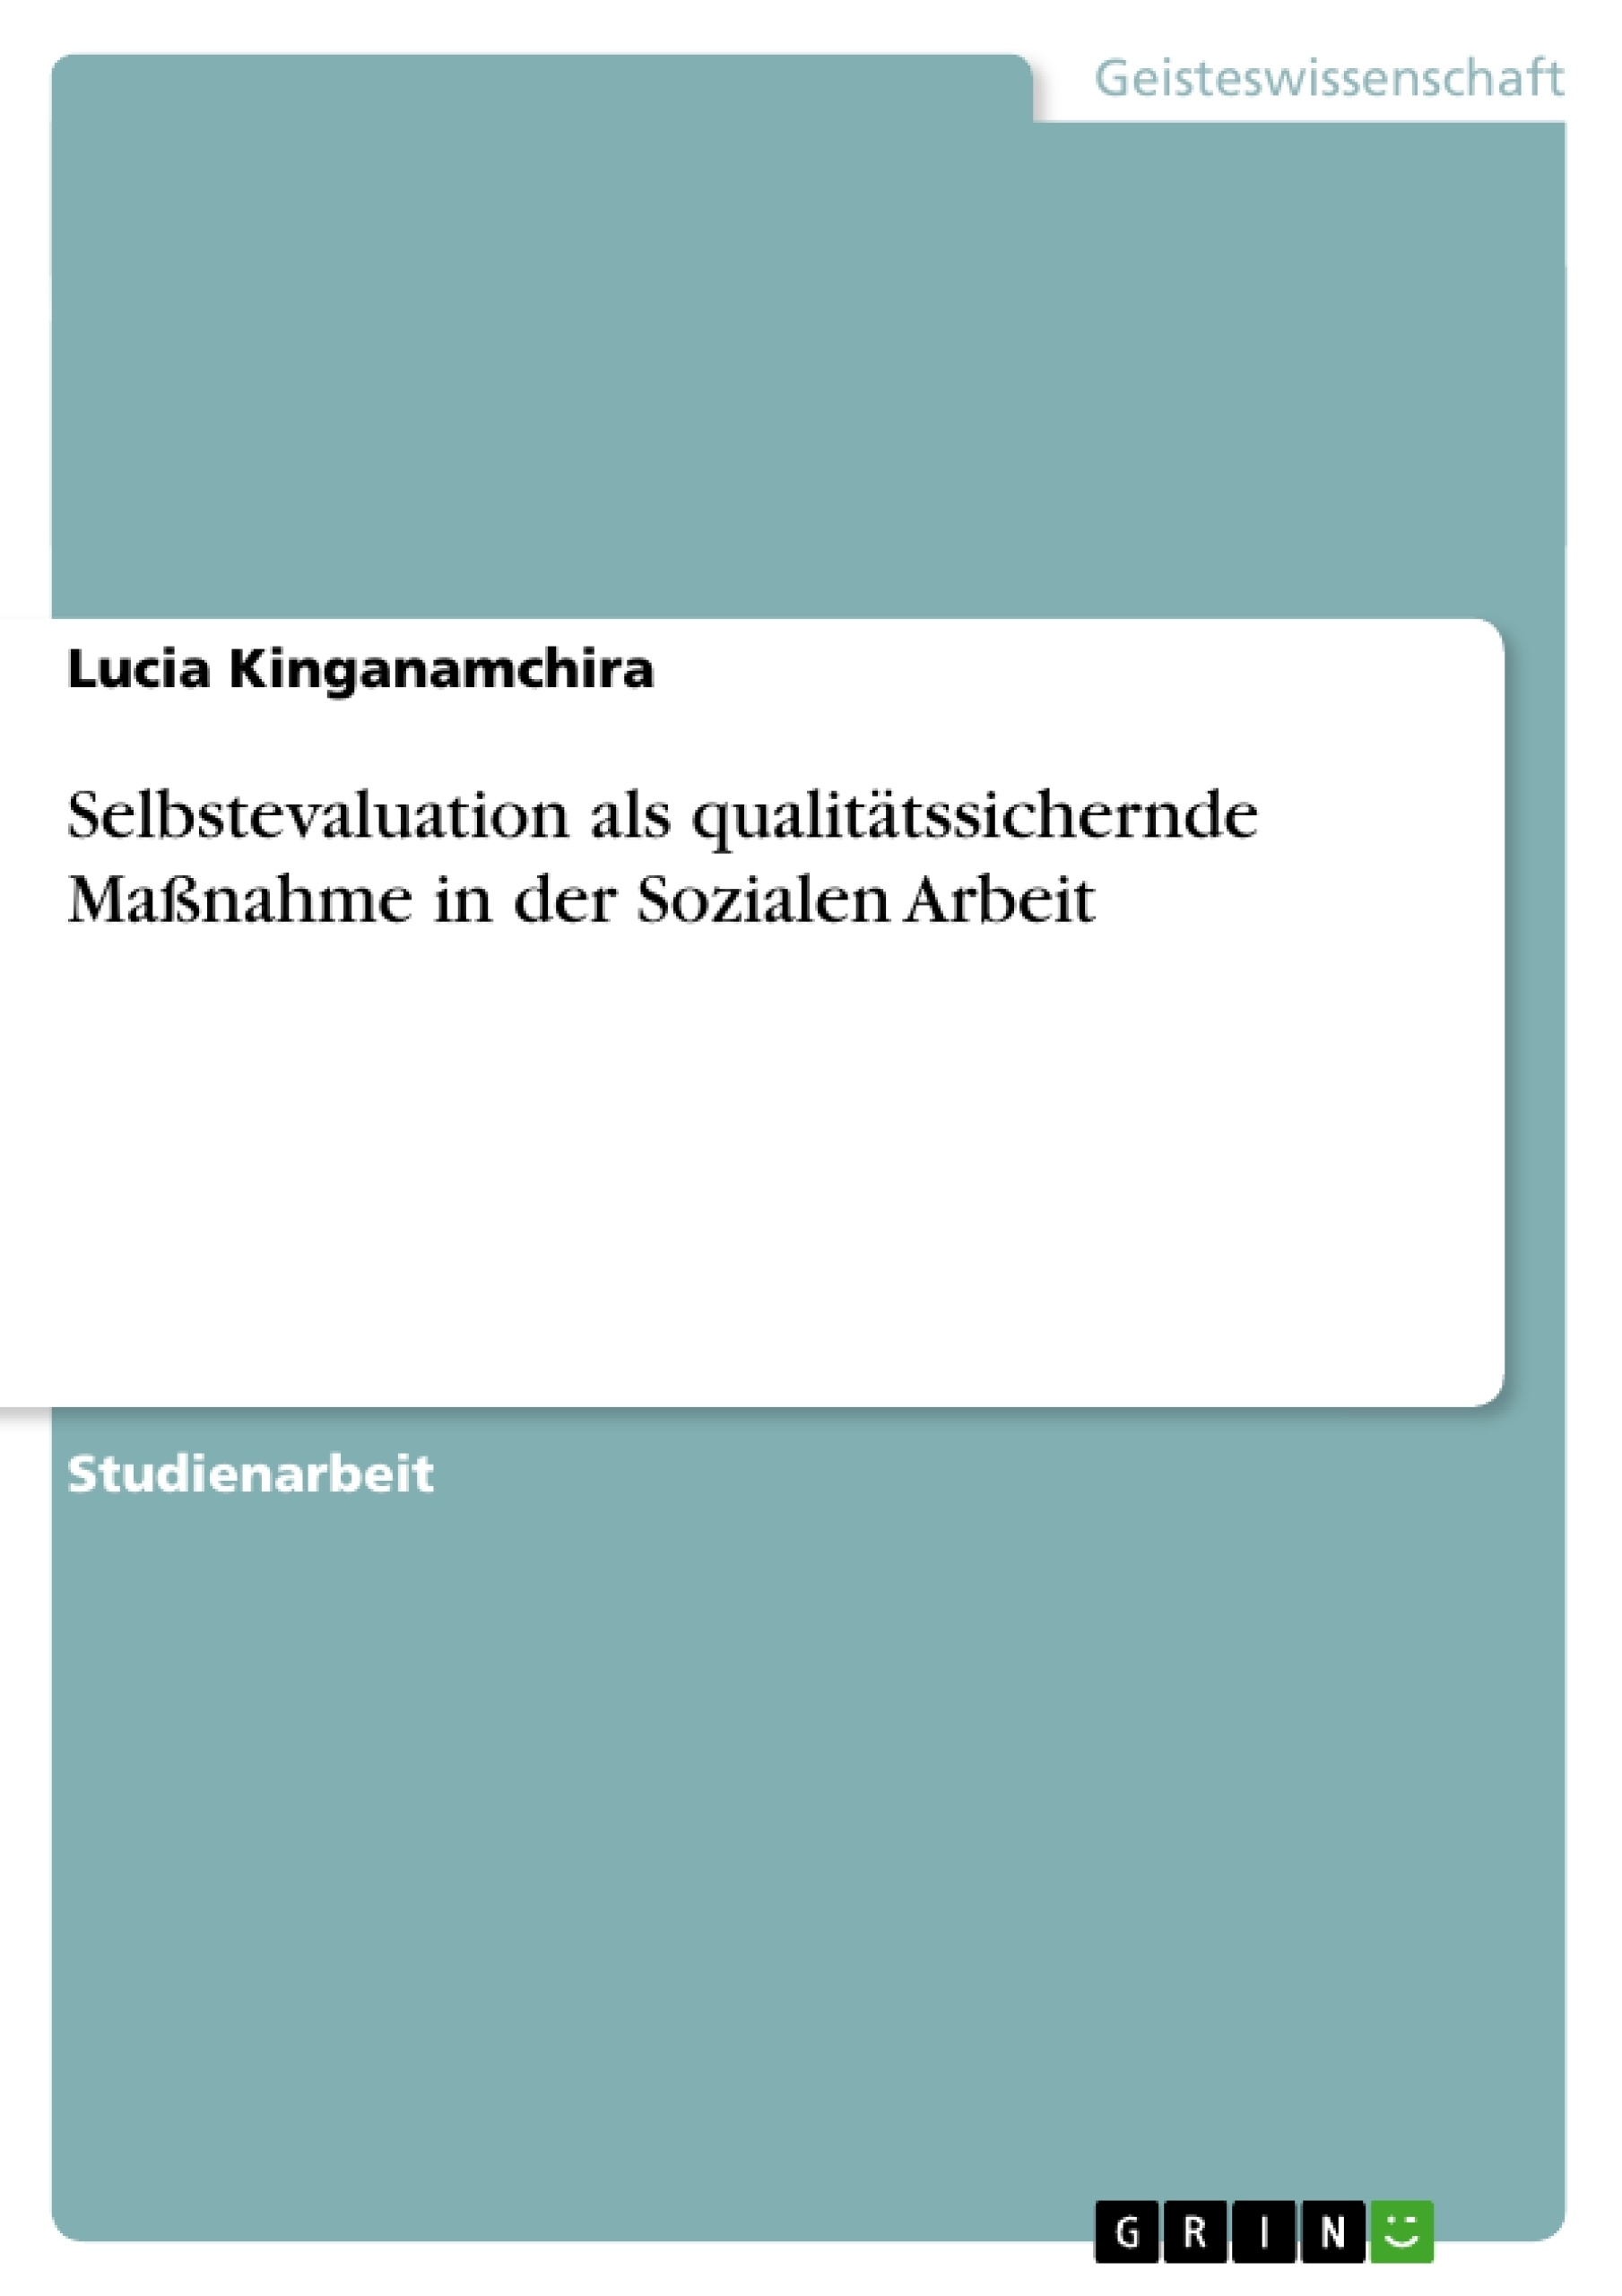 Titel: Selbstevaluation als qualitätssichernde Maßnahme in der Sozialen Arbeit